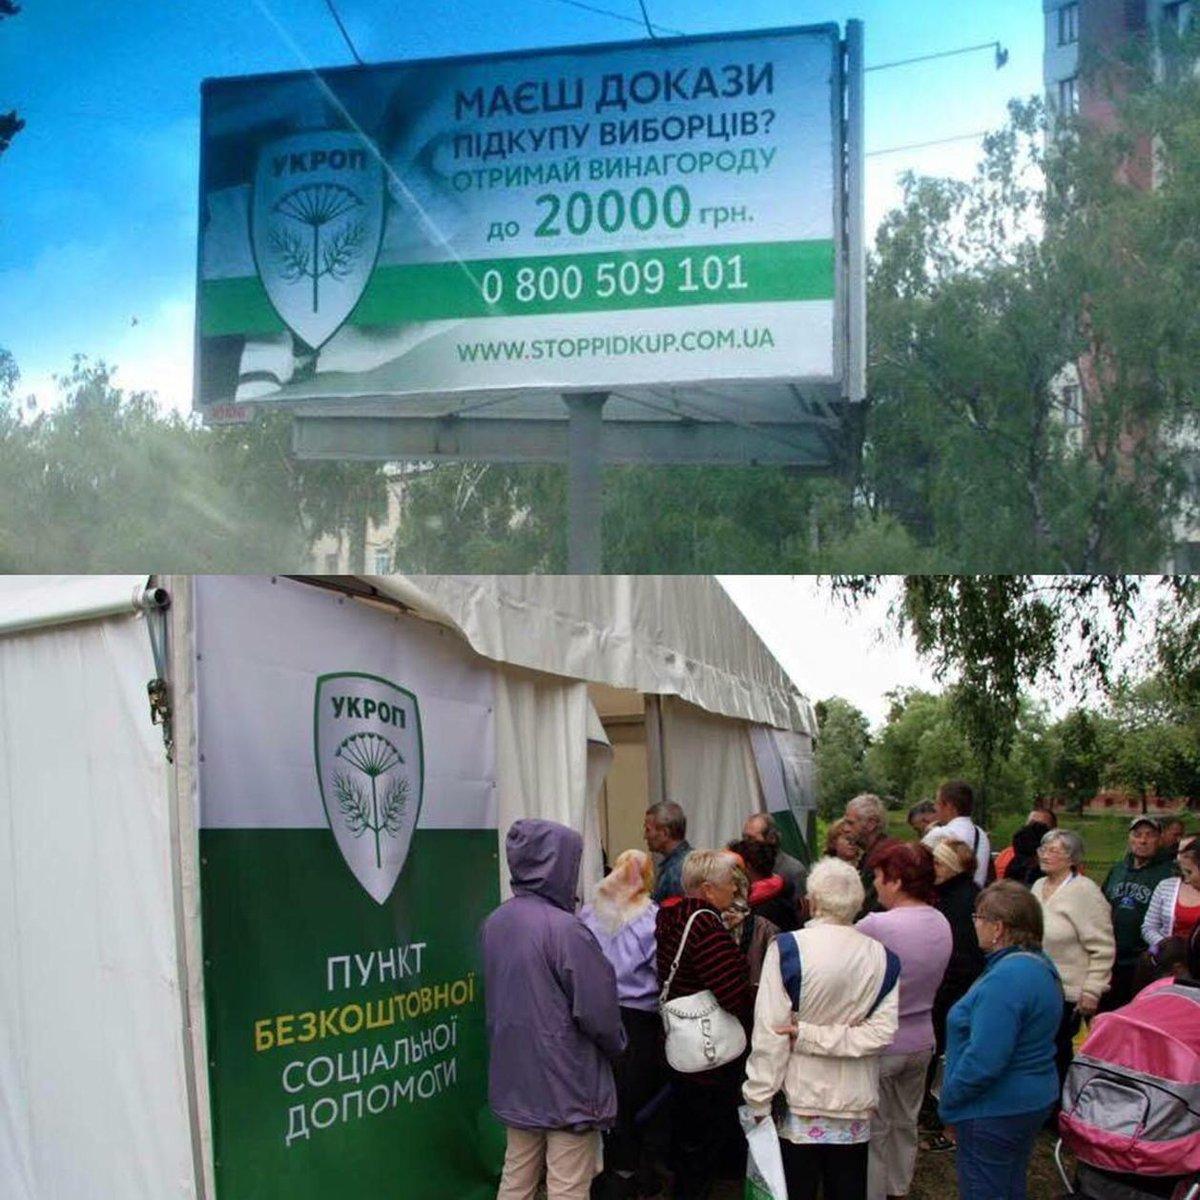 На 205-ом округе выявили сеть по подкупу избирателей от главы ДУСи чиновника Березенко, в которую было включено 40 000 человек - Цензор.НЕТ 2116